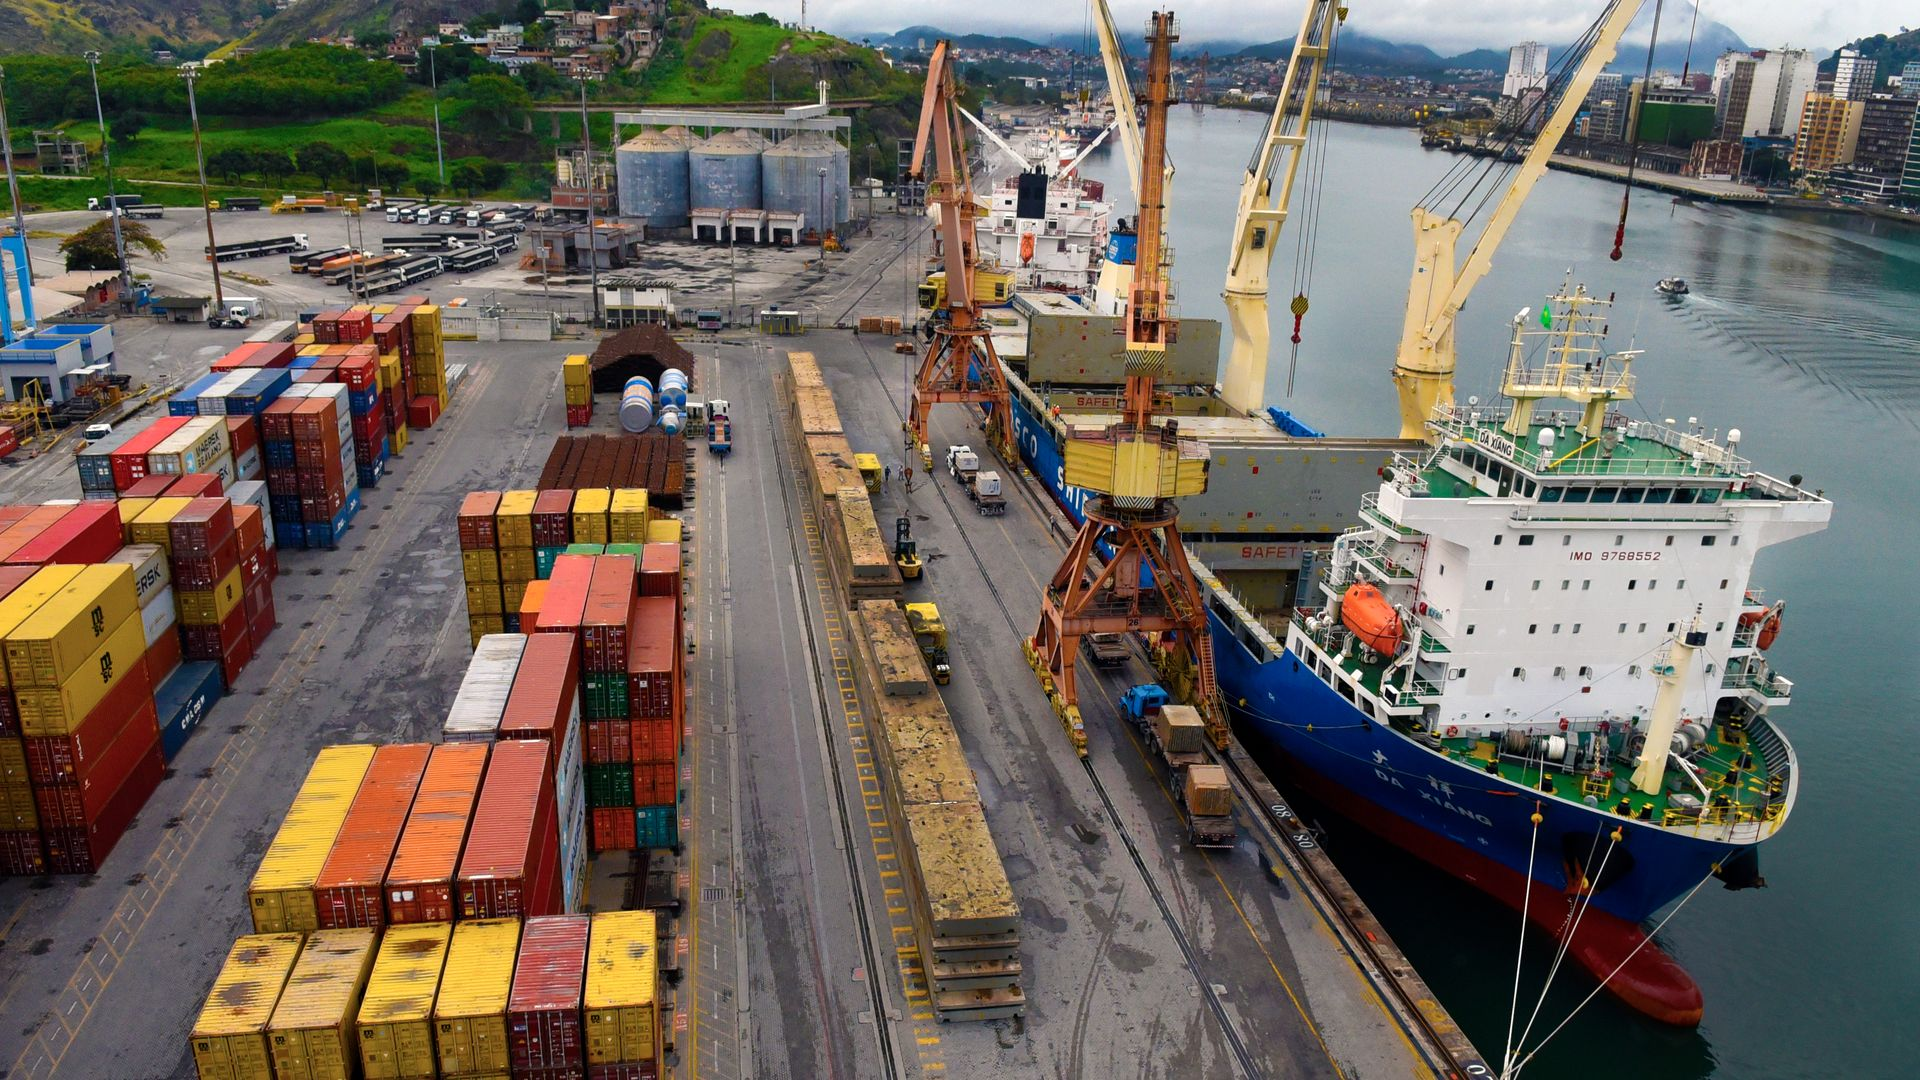 O Terminal Portuário de Vila Velha (TVV) é único do Estado especializado no transporte de contêineres. Ele é administrado pela Log-in Logística